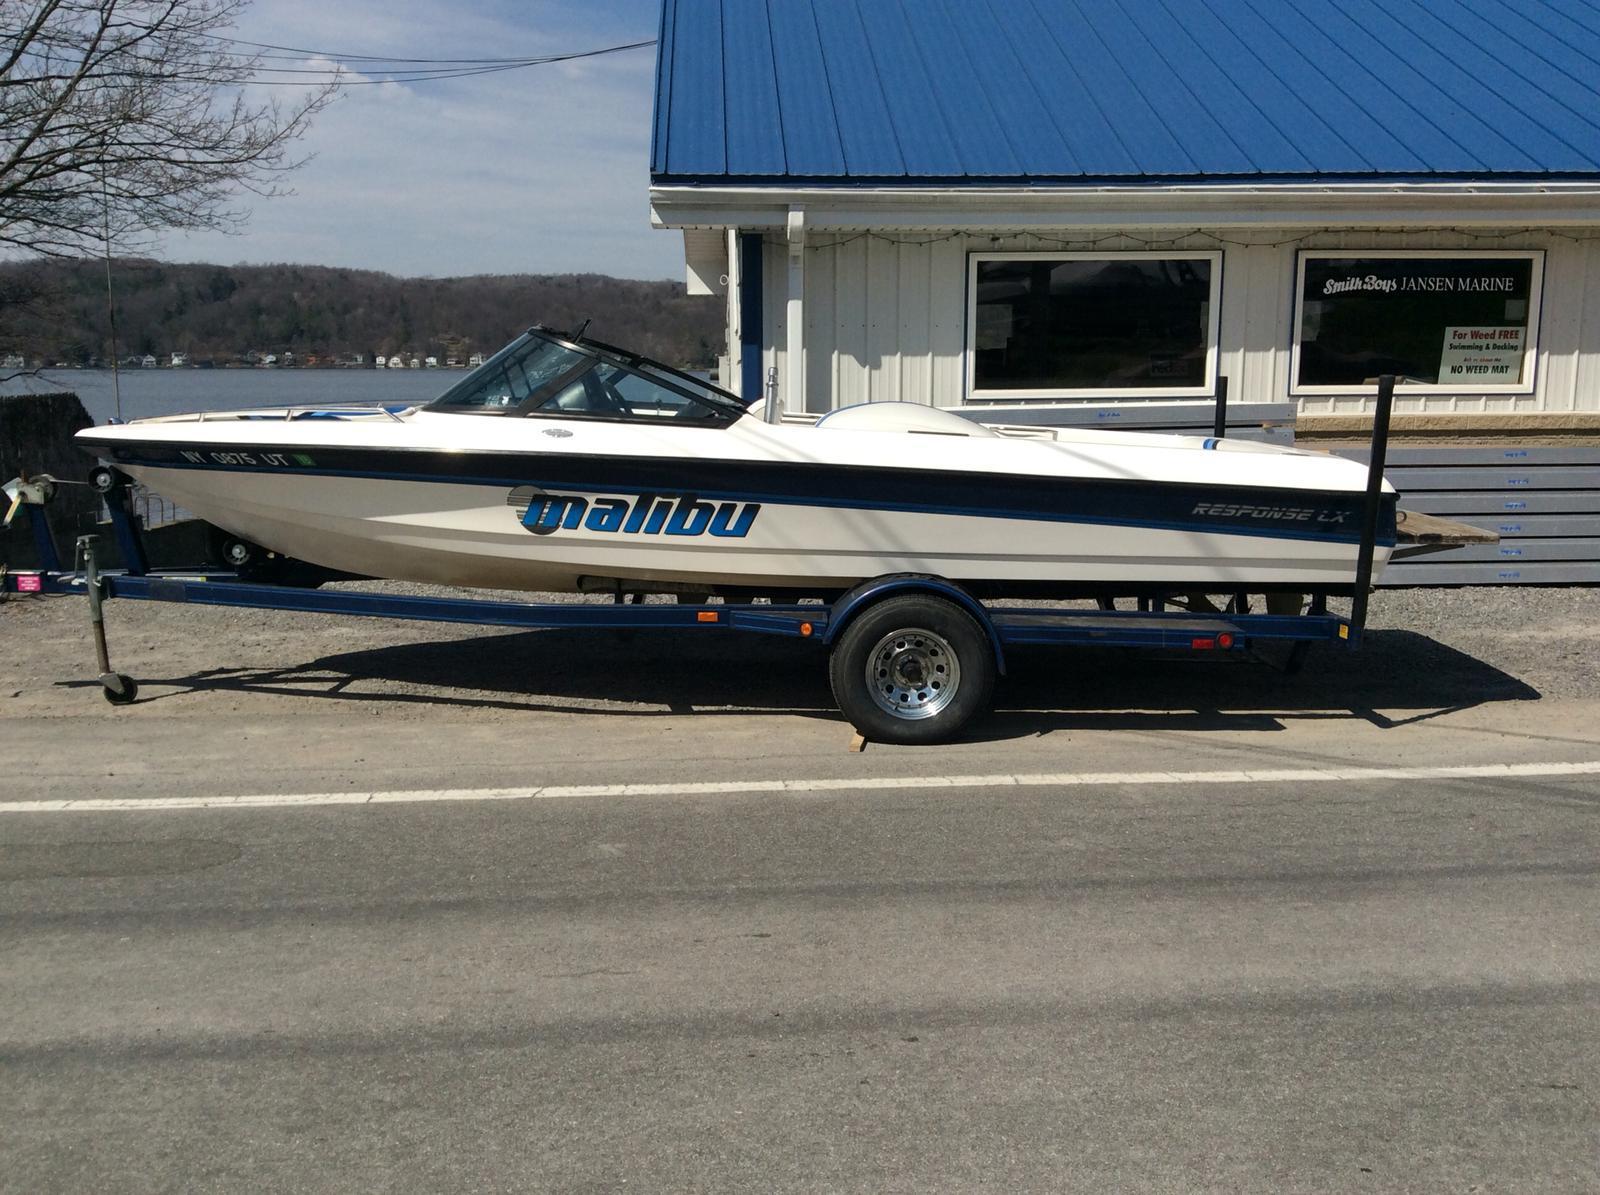 Malibu Boats LLC RESPONSE LX